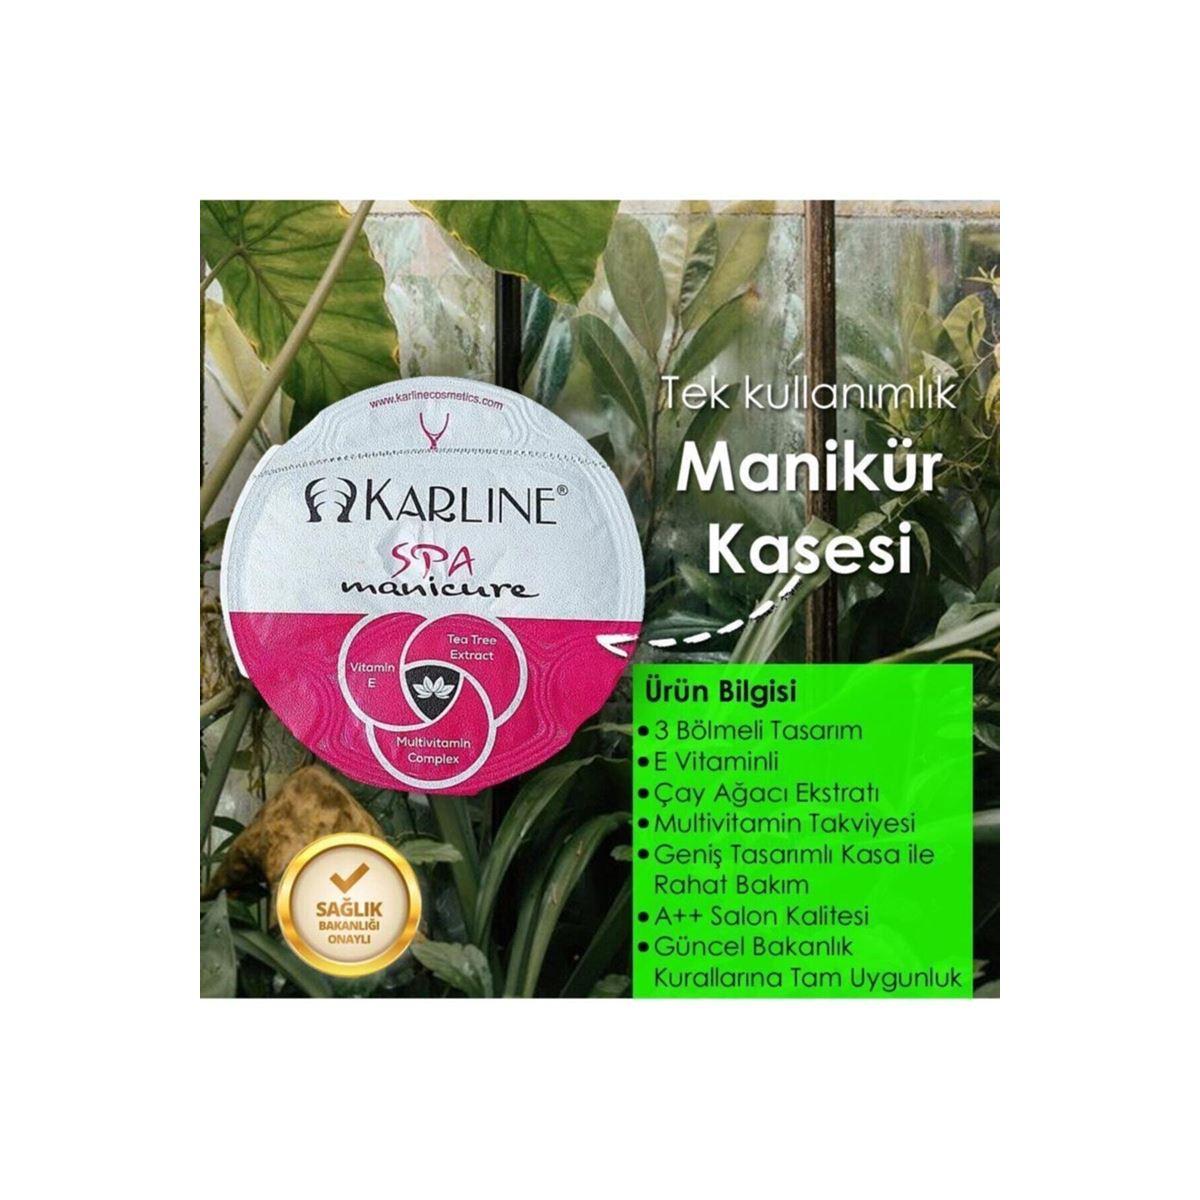 Karline Tek Kullanımlık Manikür Seti Kasesi Spa Sulu E Vitaminli Çay Ağacı Eksraktlı